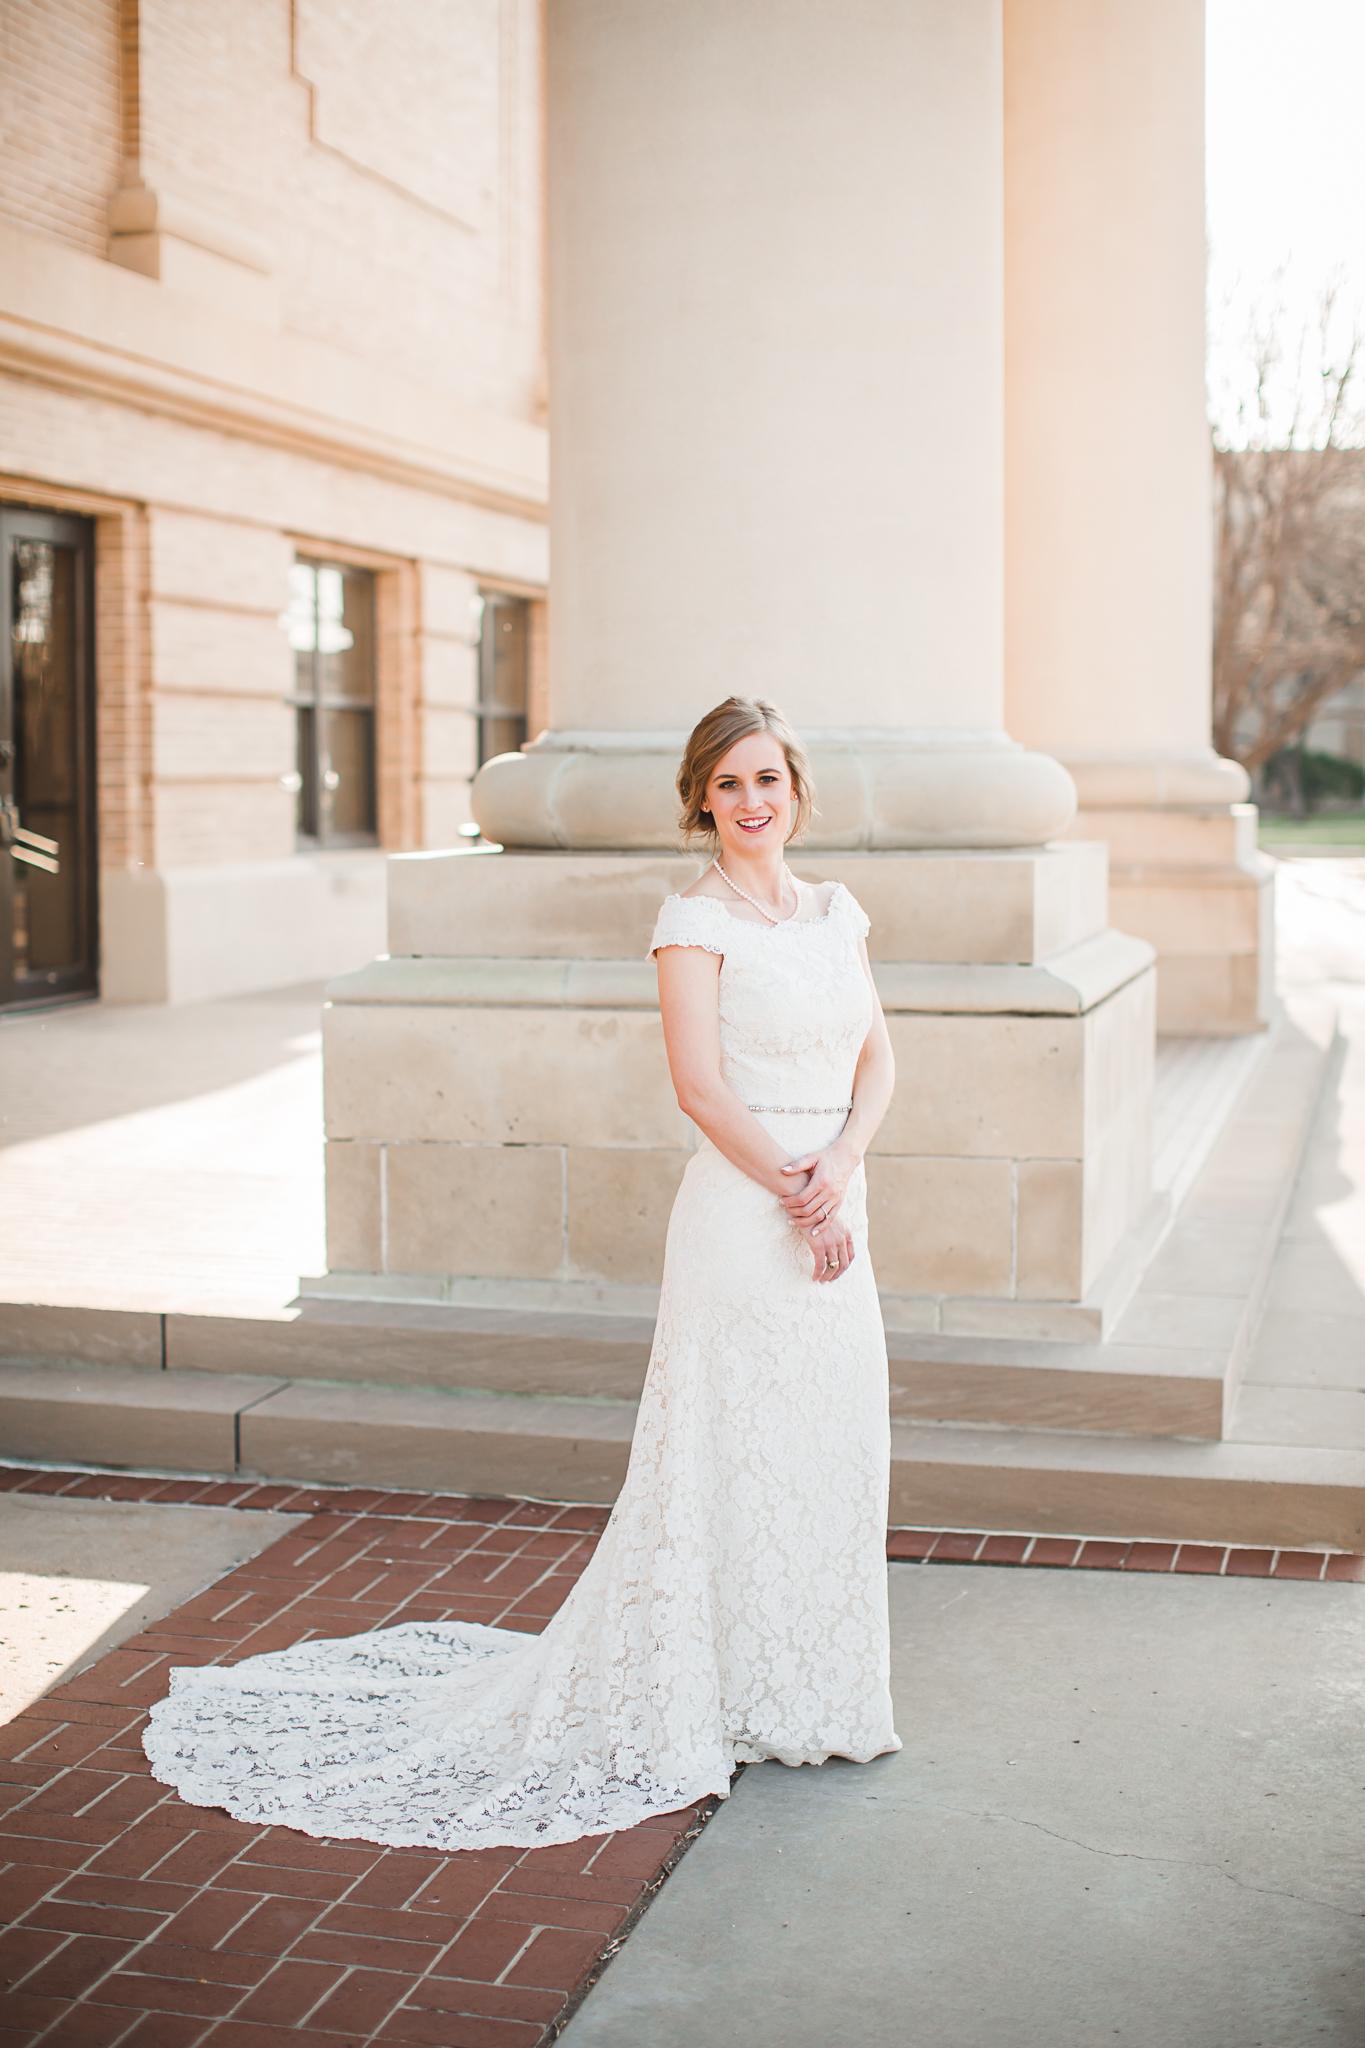 alyssa bridal blog-5.jpg